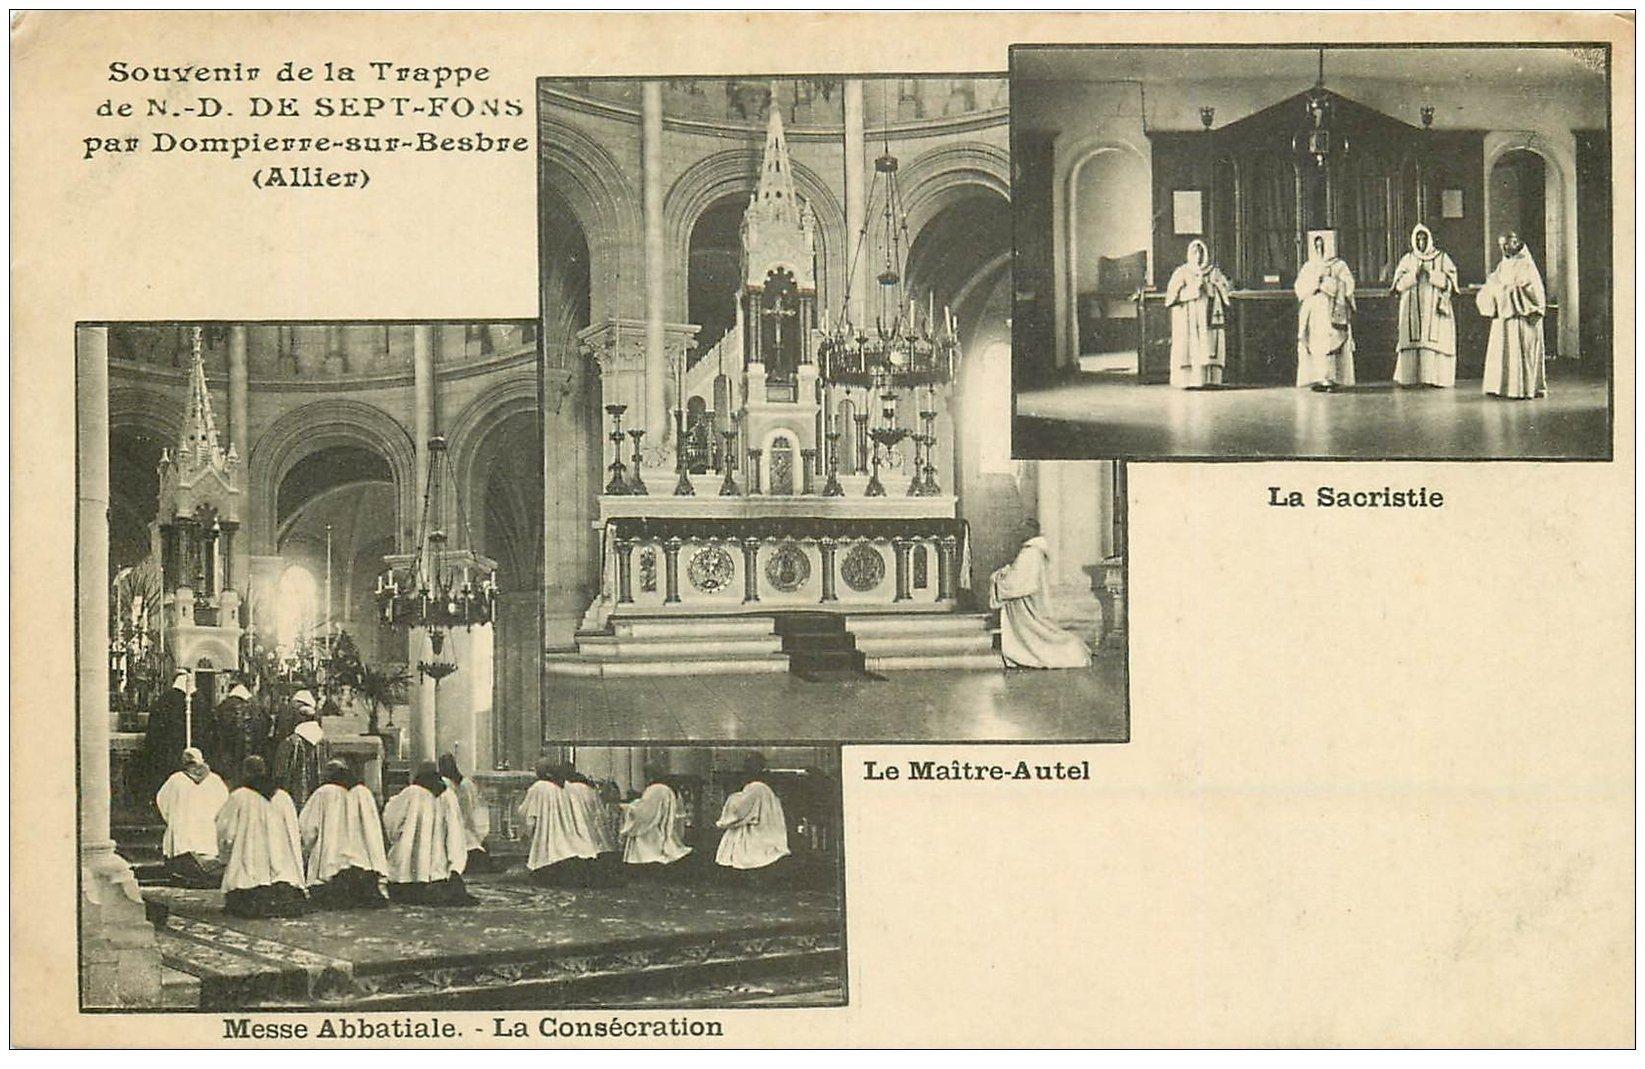 carte postale ancienne 03 DOMPIERRE-SUR-BESBRE. Sept-Fons. Consécration Sacristie Maître-Autel